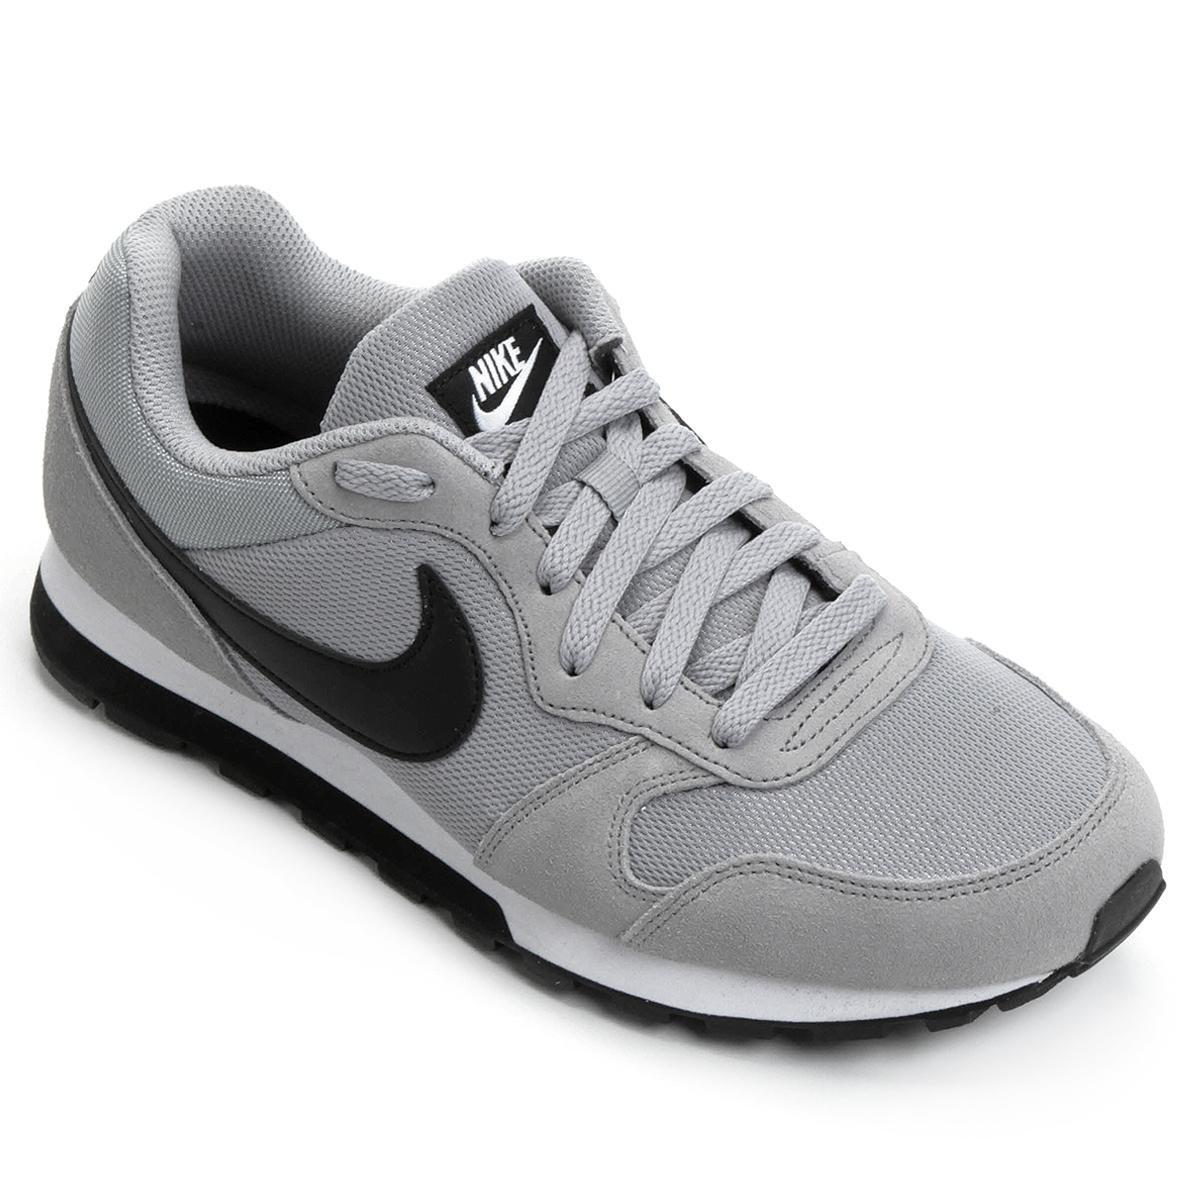 9cba5f845a Tênis Nike Md Runner 2 Masculino - Cinza e Preto - Compre Agora ...